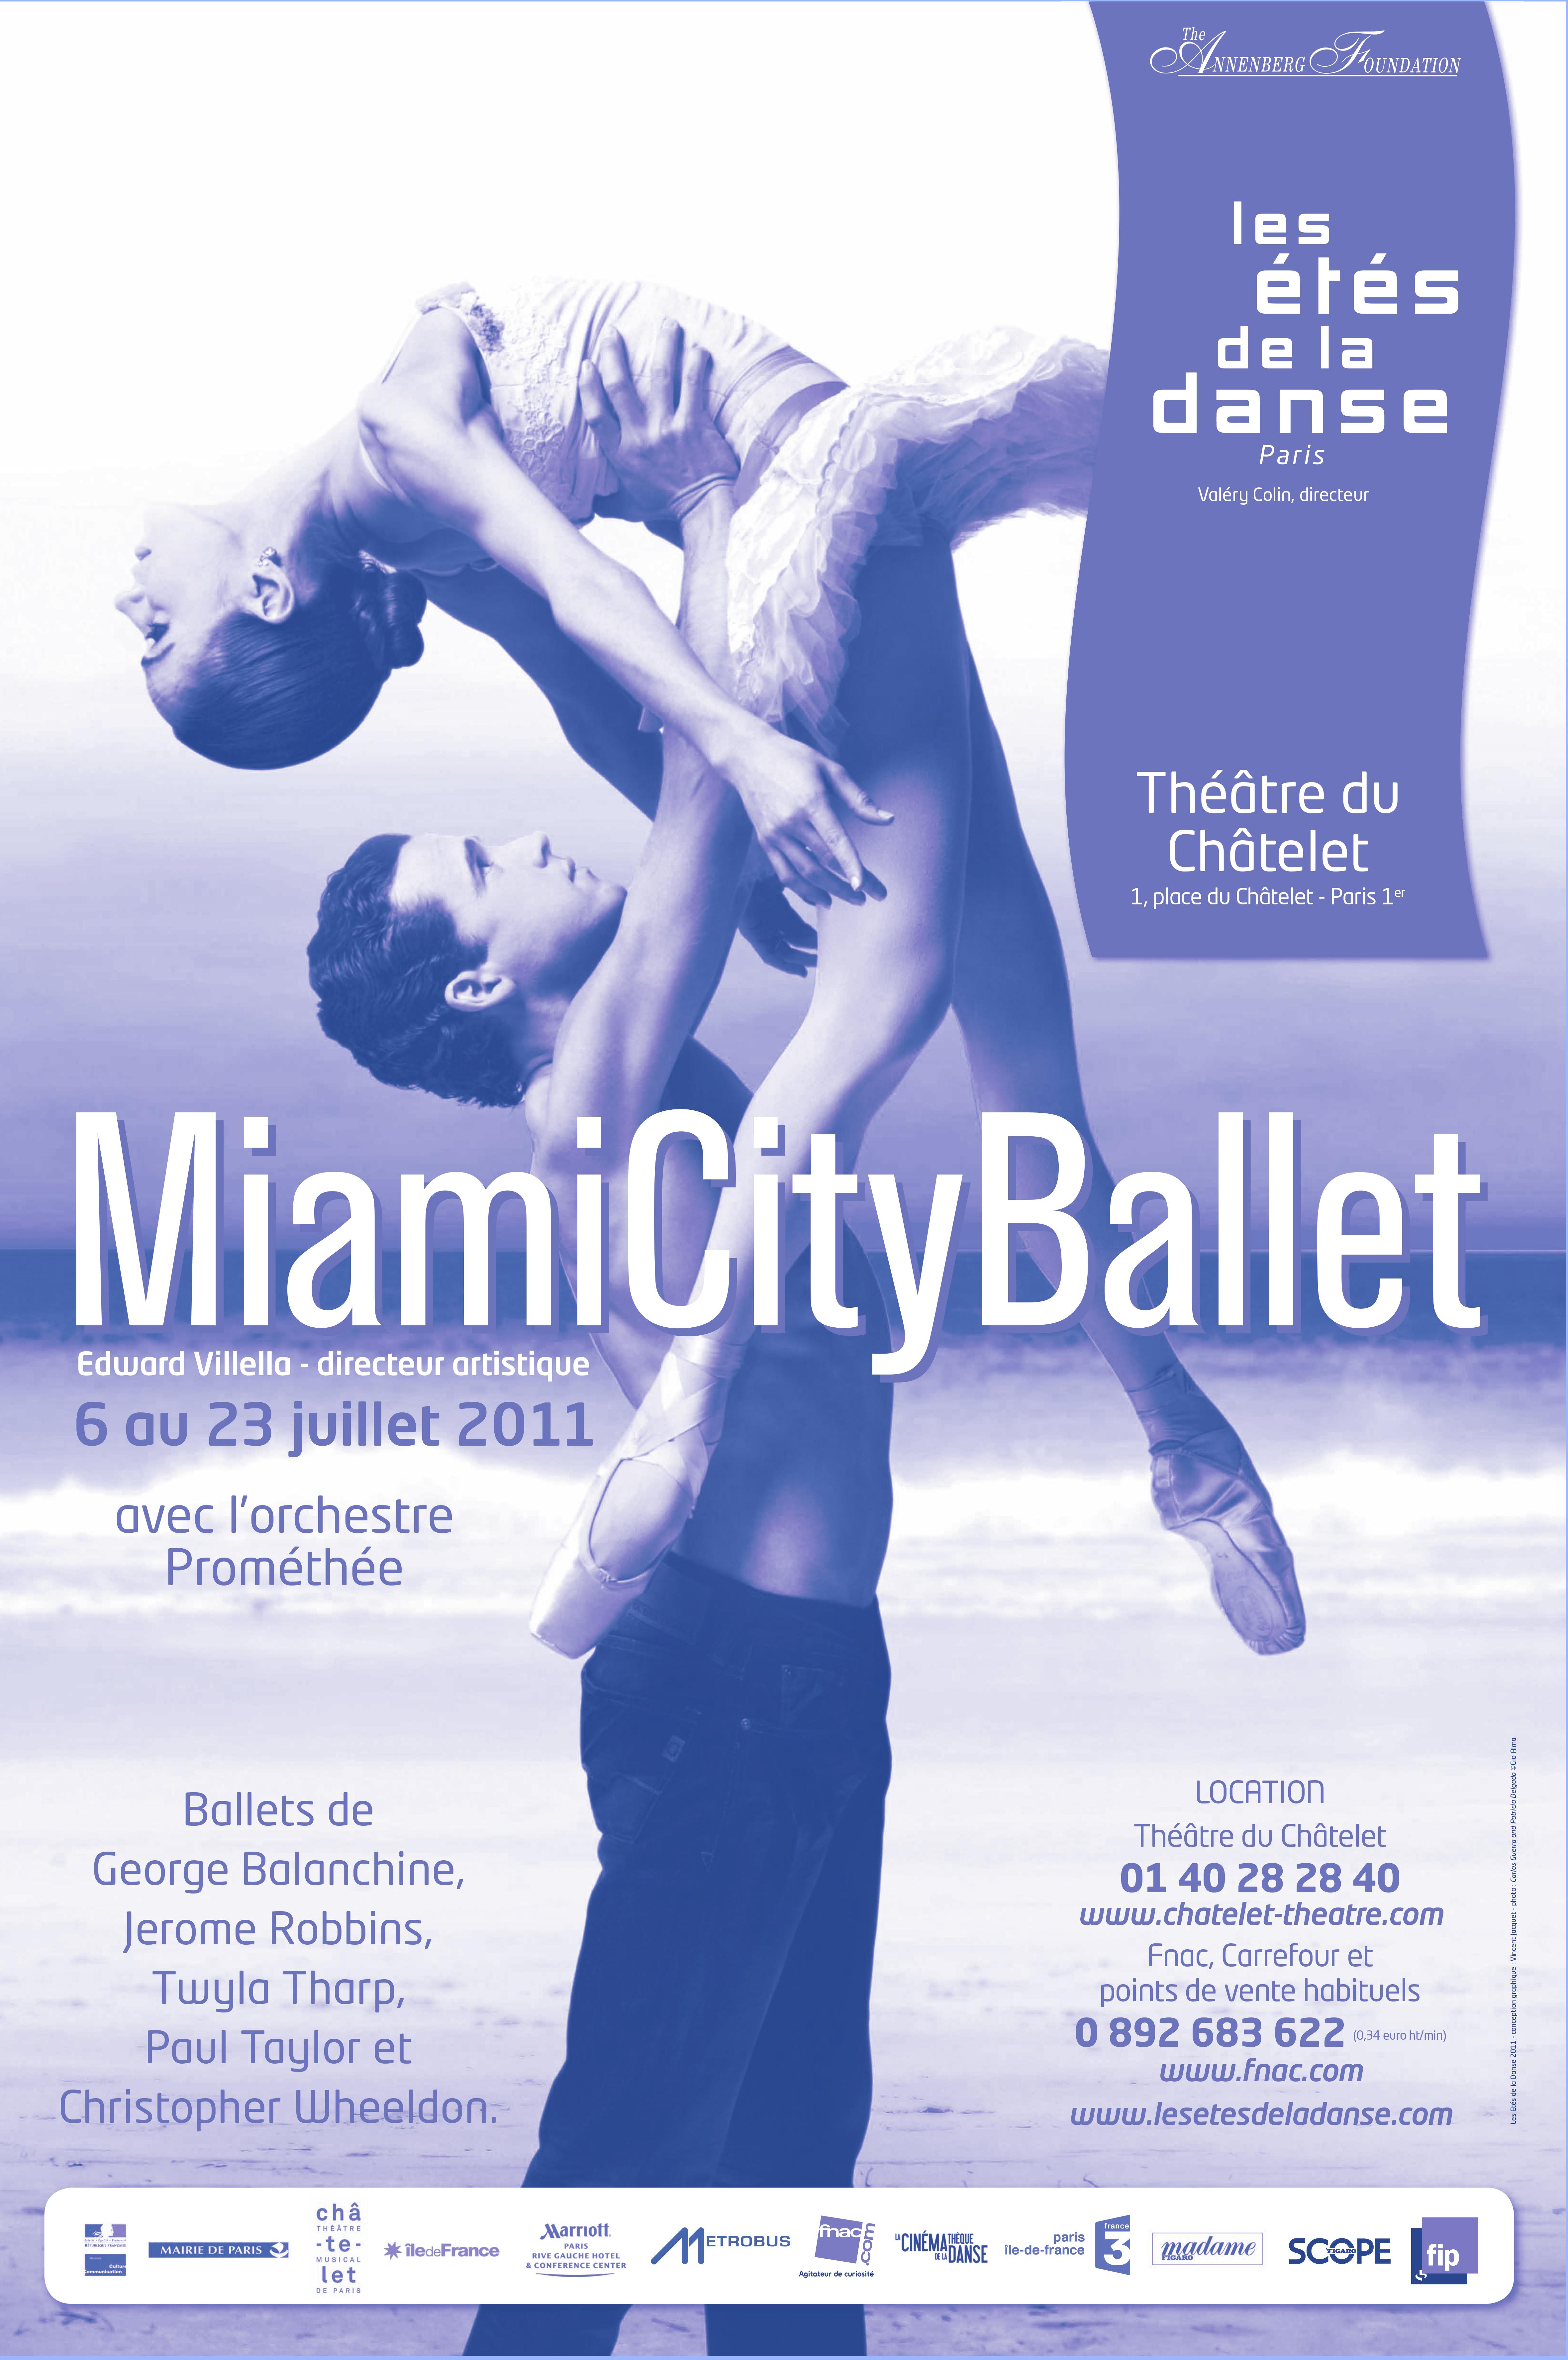 B3-17-spectacles-avec-le-Miami-City-Ballet